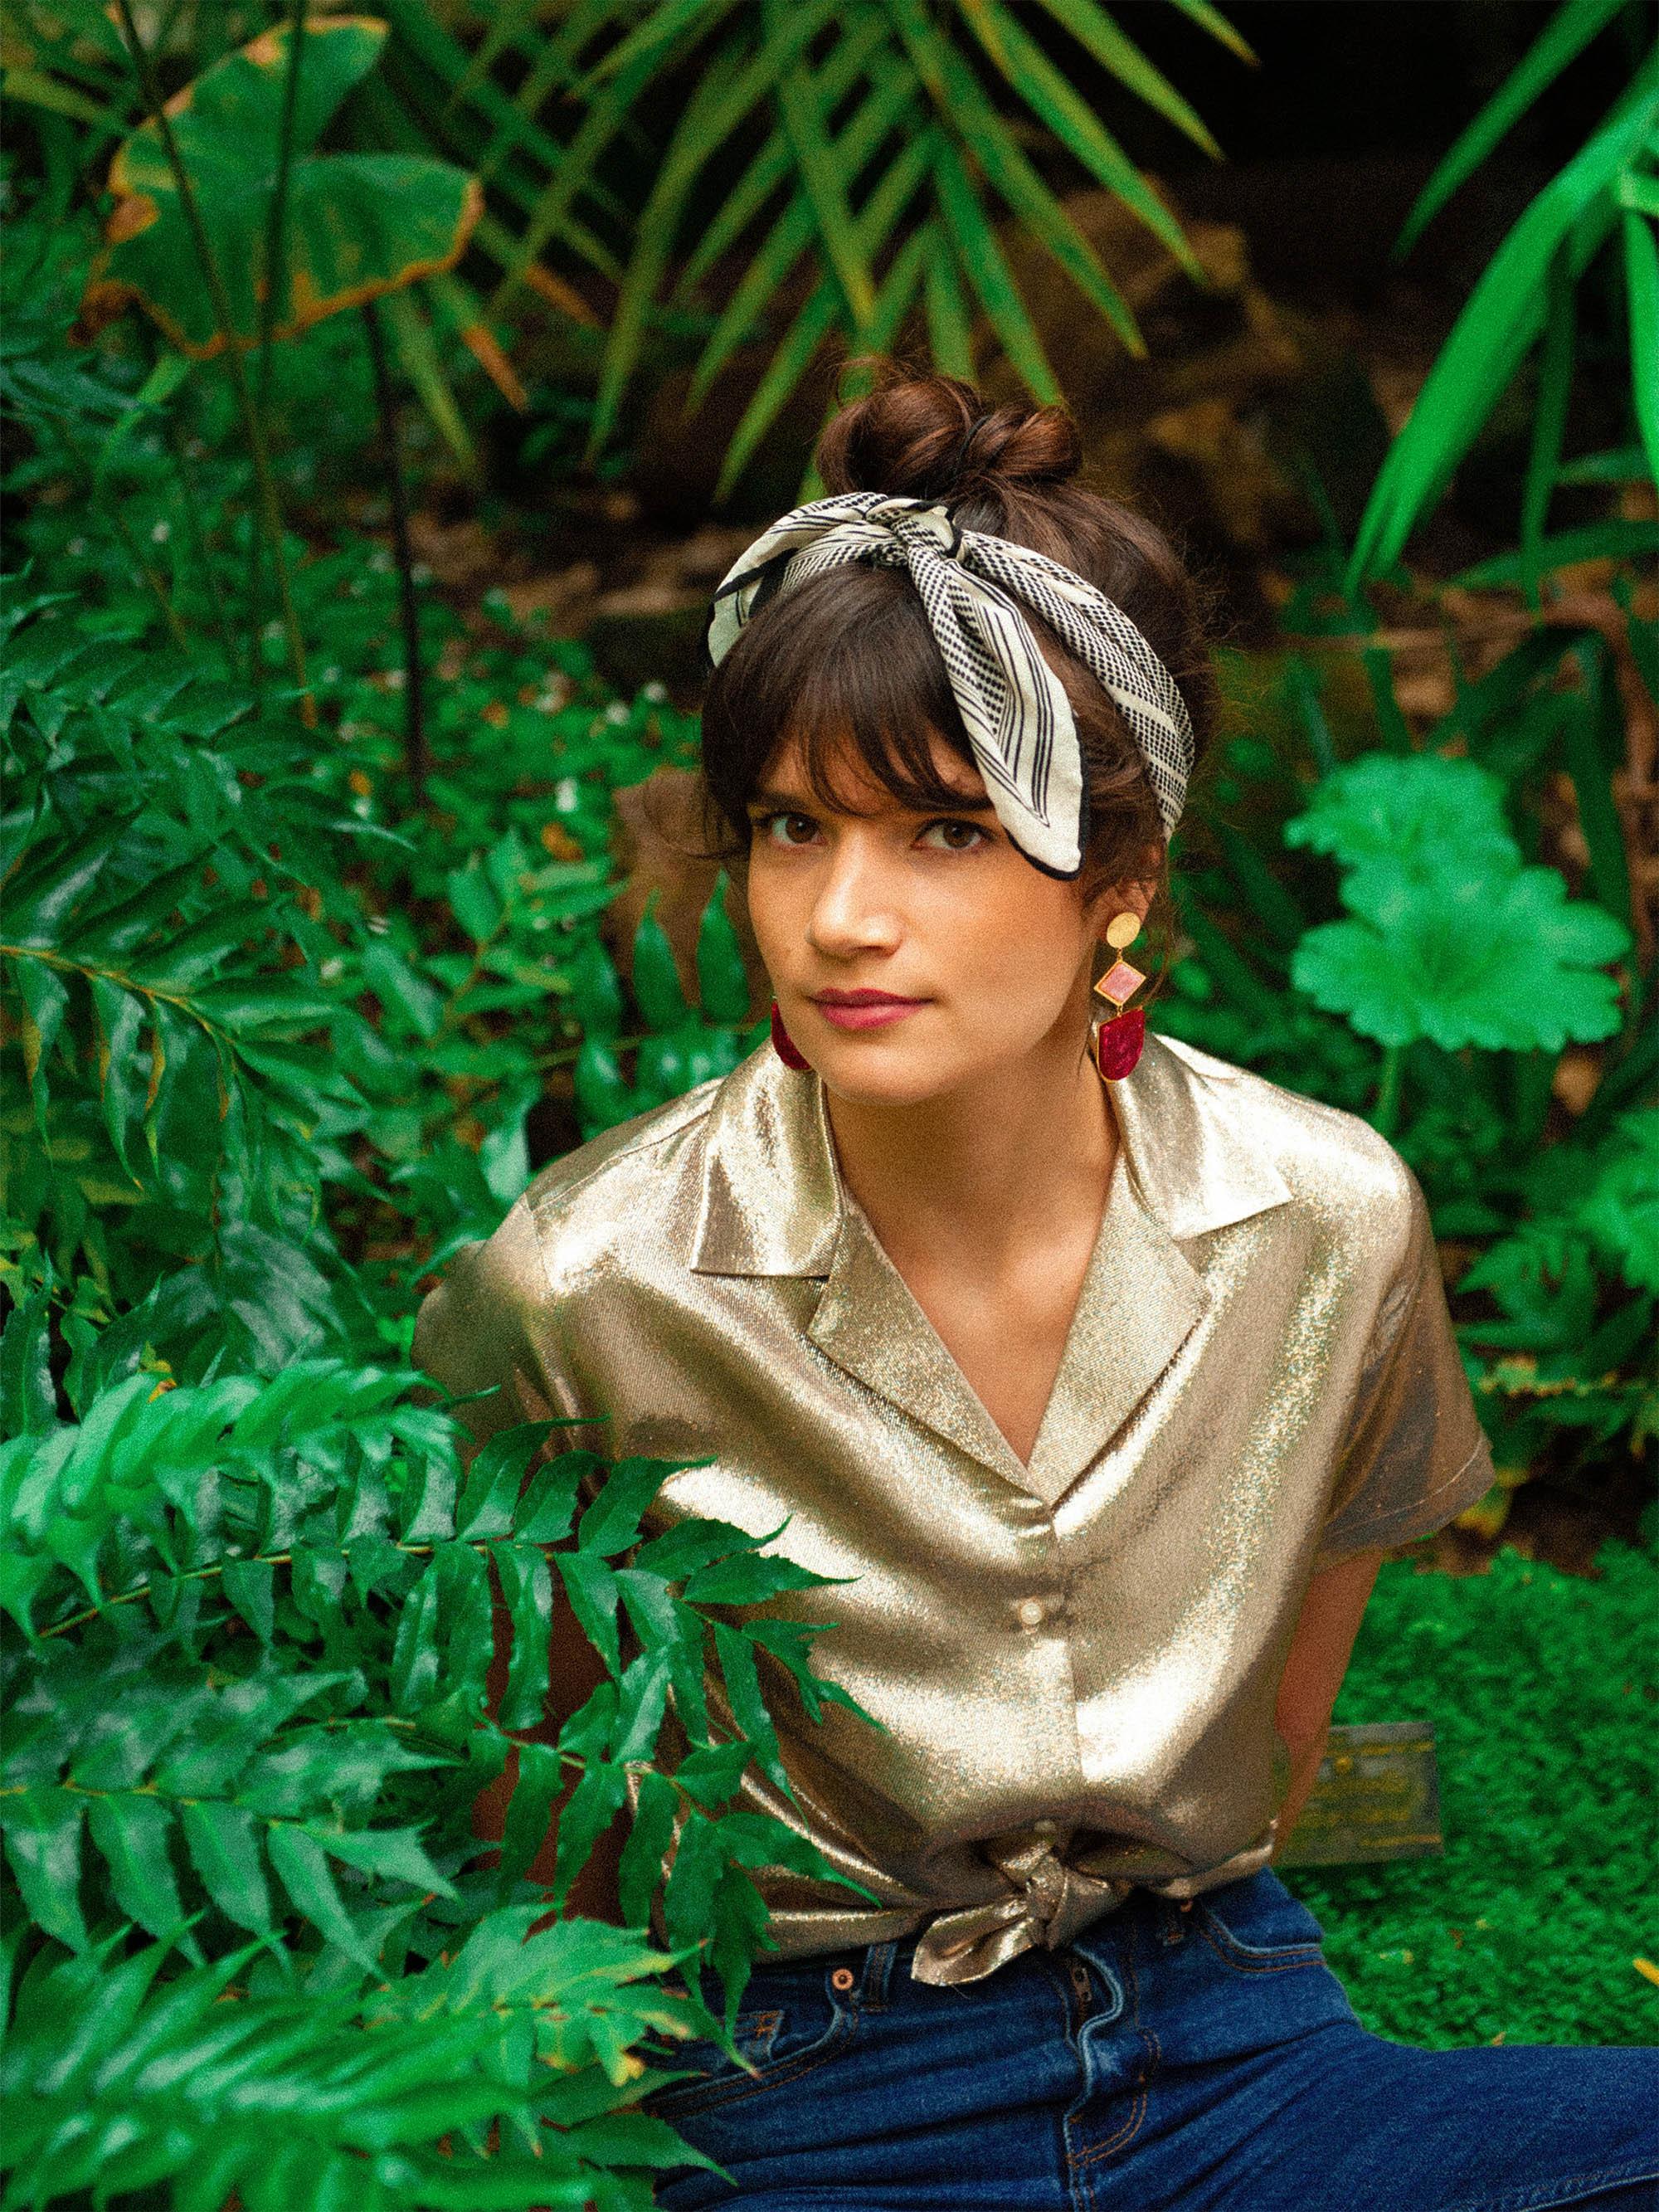 Lookbook_serres_jardin_botanique_metz_lestatillonnes_0004_Lookbook_serres_jardin_botanique_metz_lestatillonnes_bijoux_00.jpg